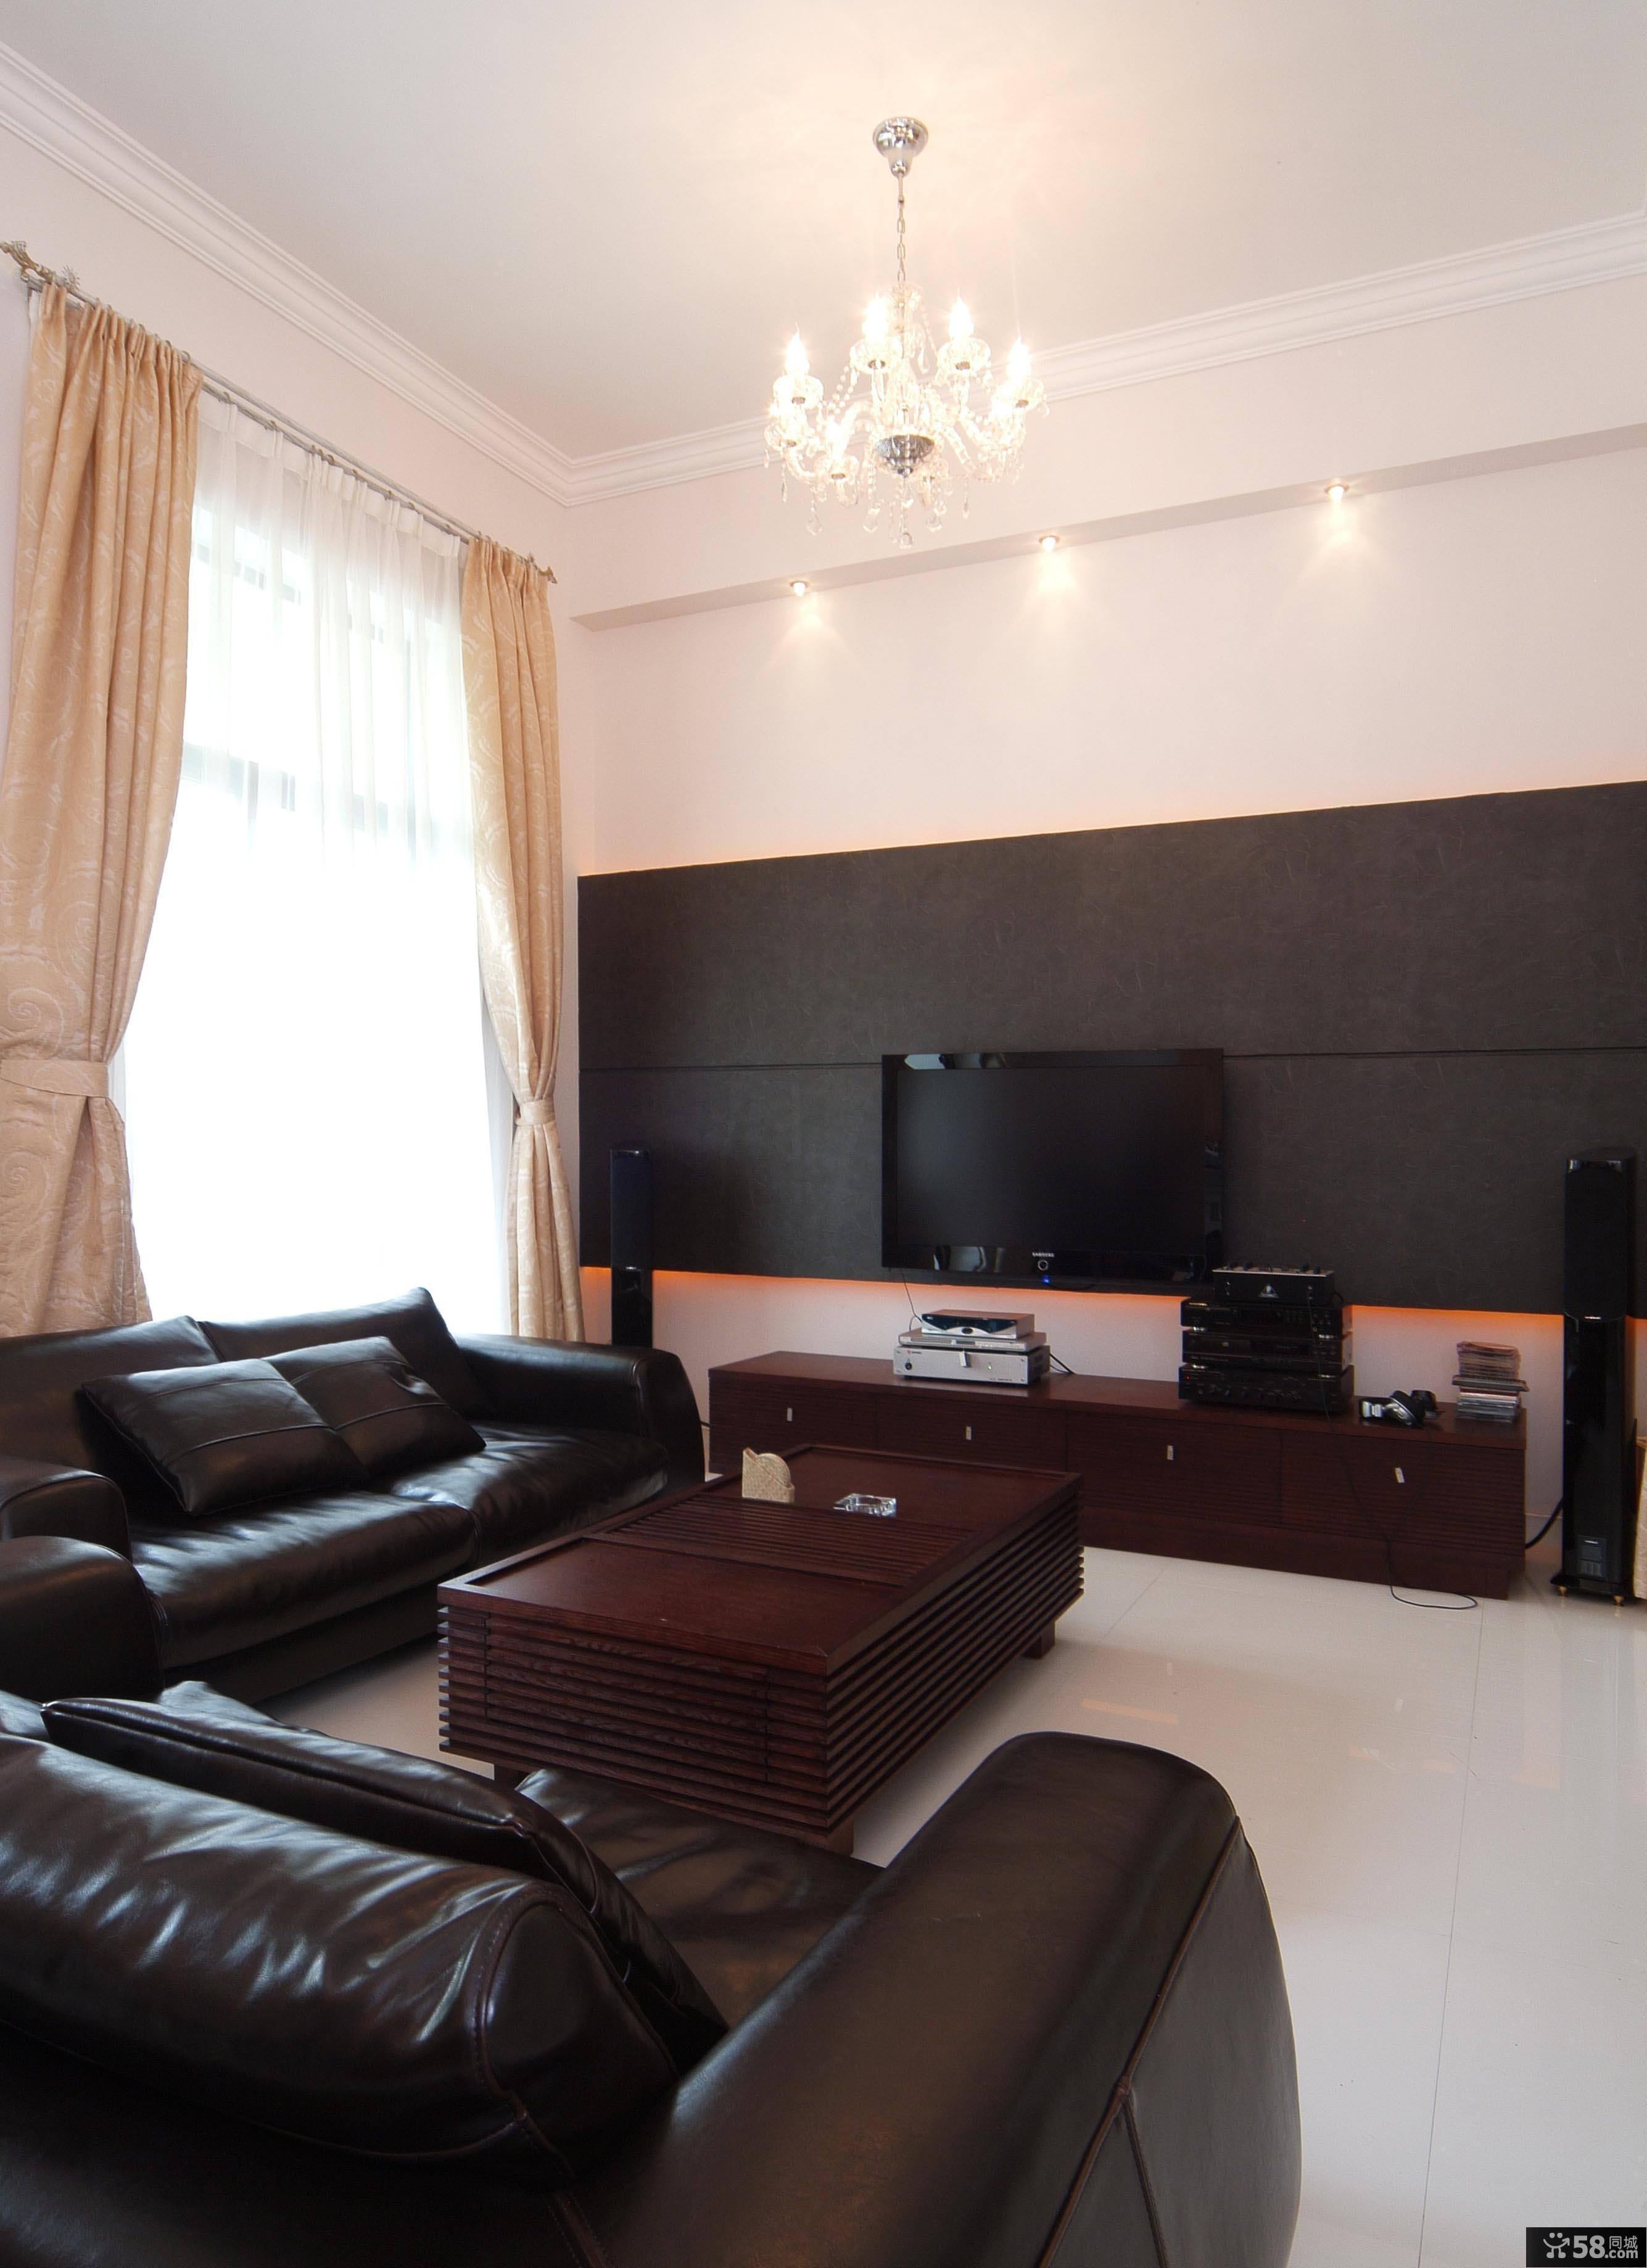 美式风格家居客厅设计装修效果图